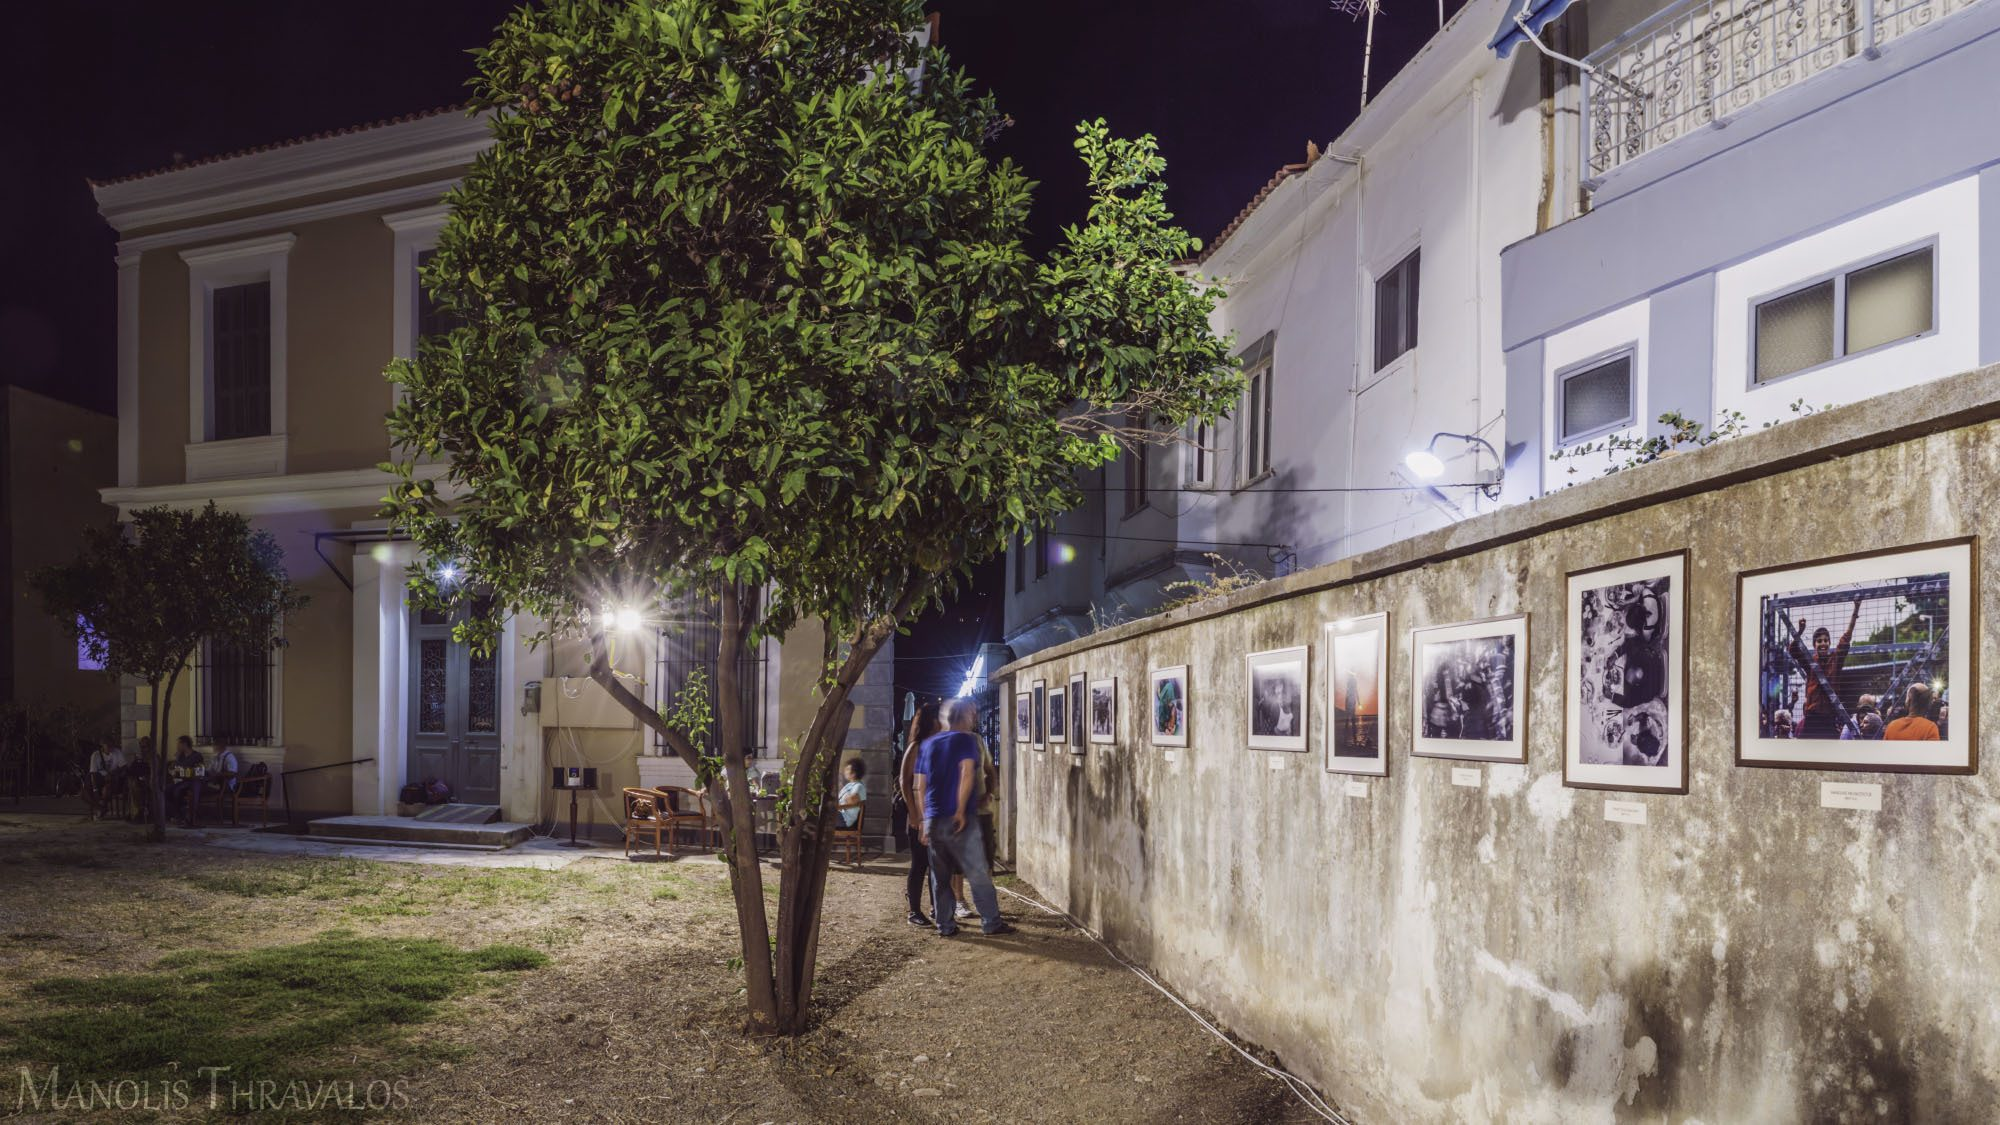 Ετήσια Έκθεση Φωτογραφικής Ομάδας Σάμου 2016 (3)